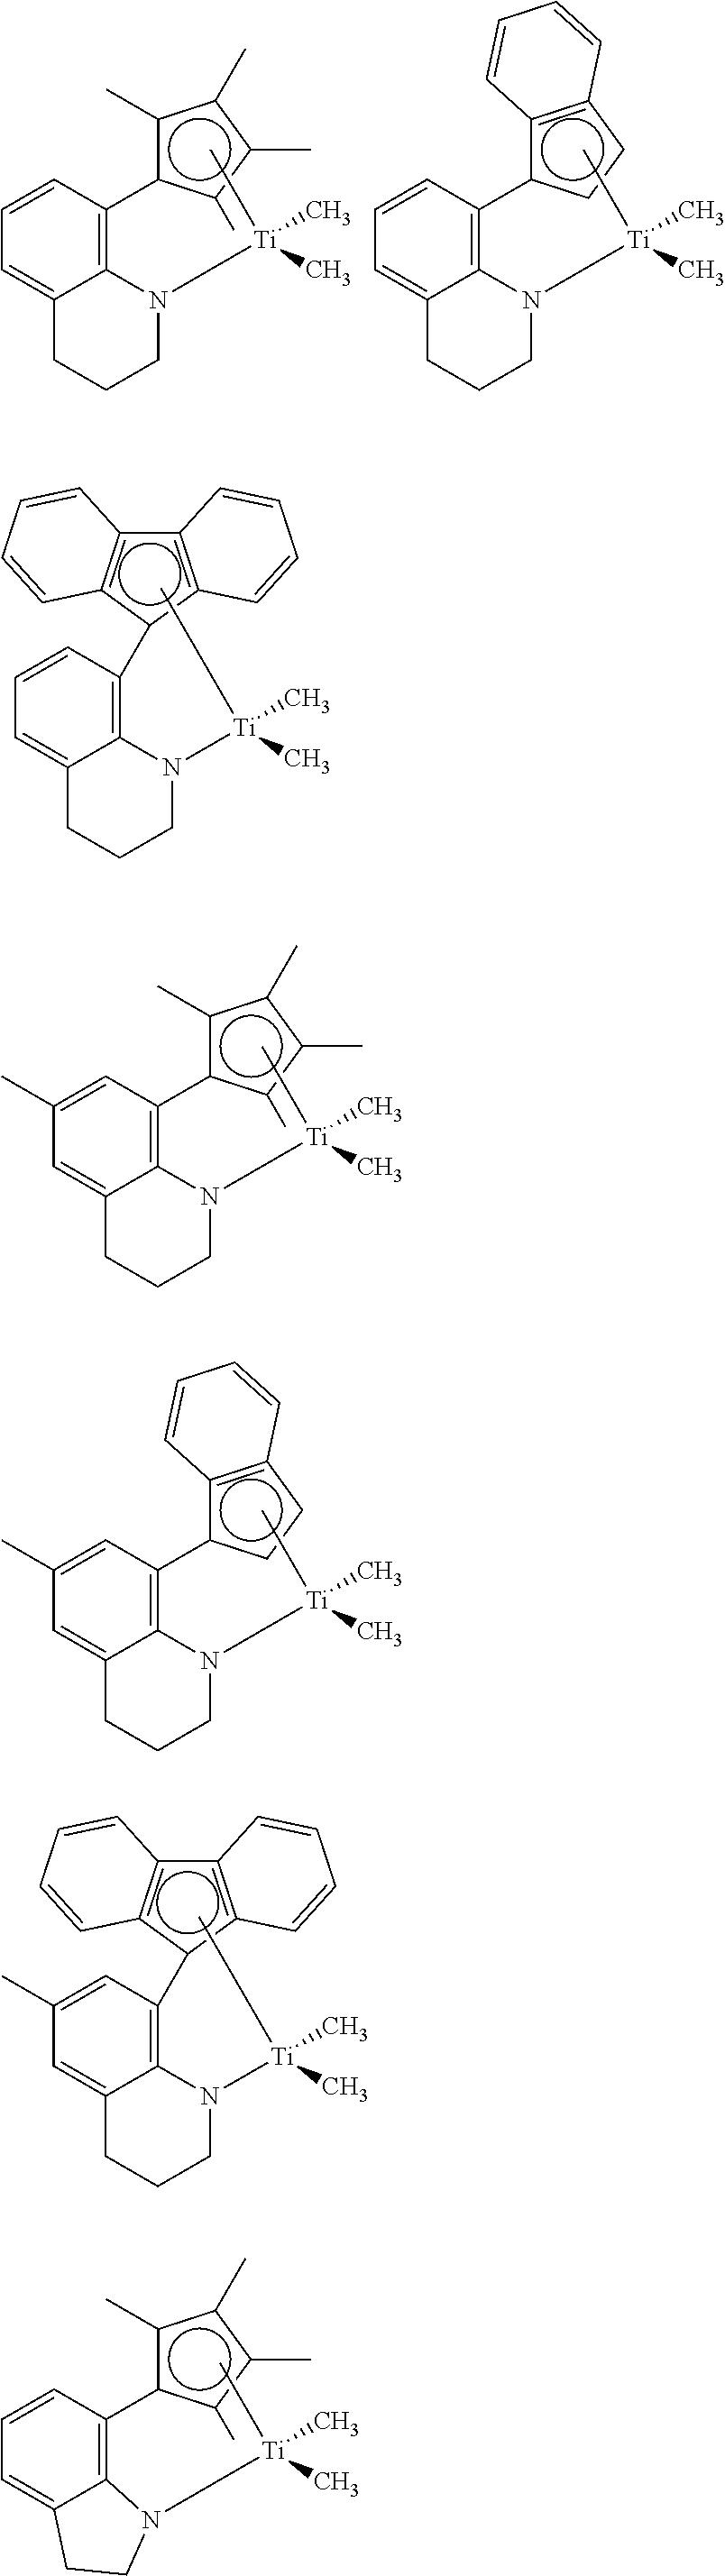 Figure US07932207-20110426-C00017